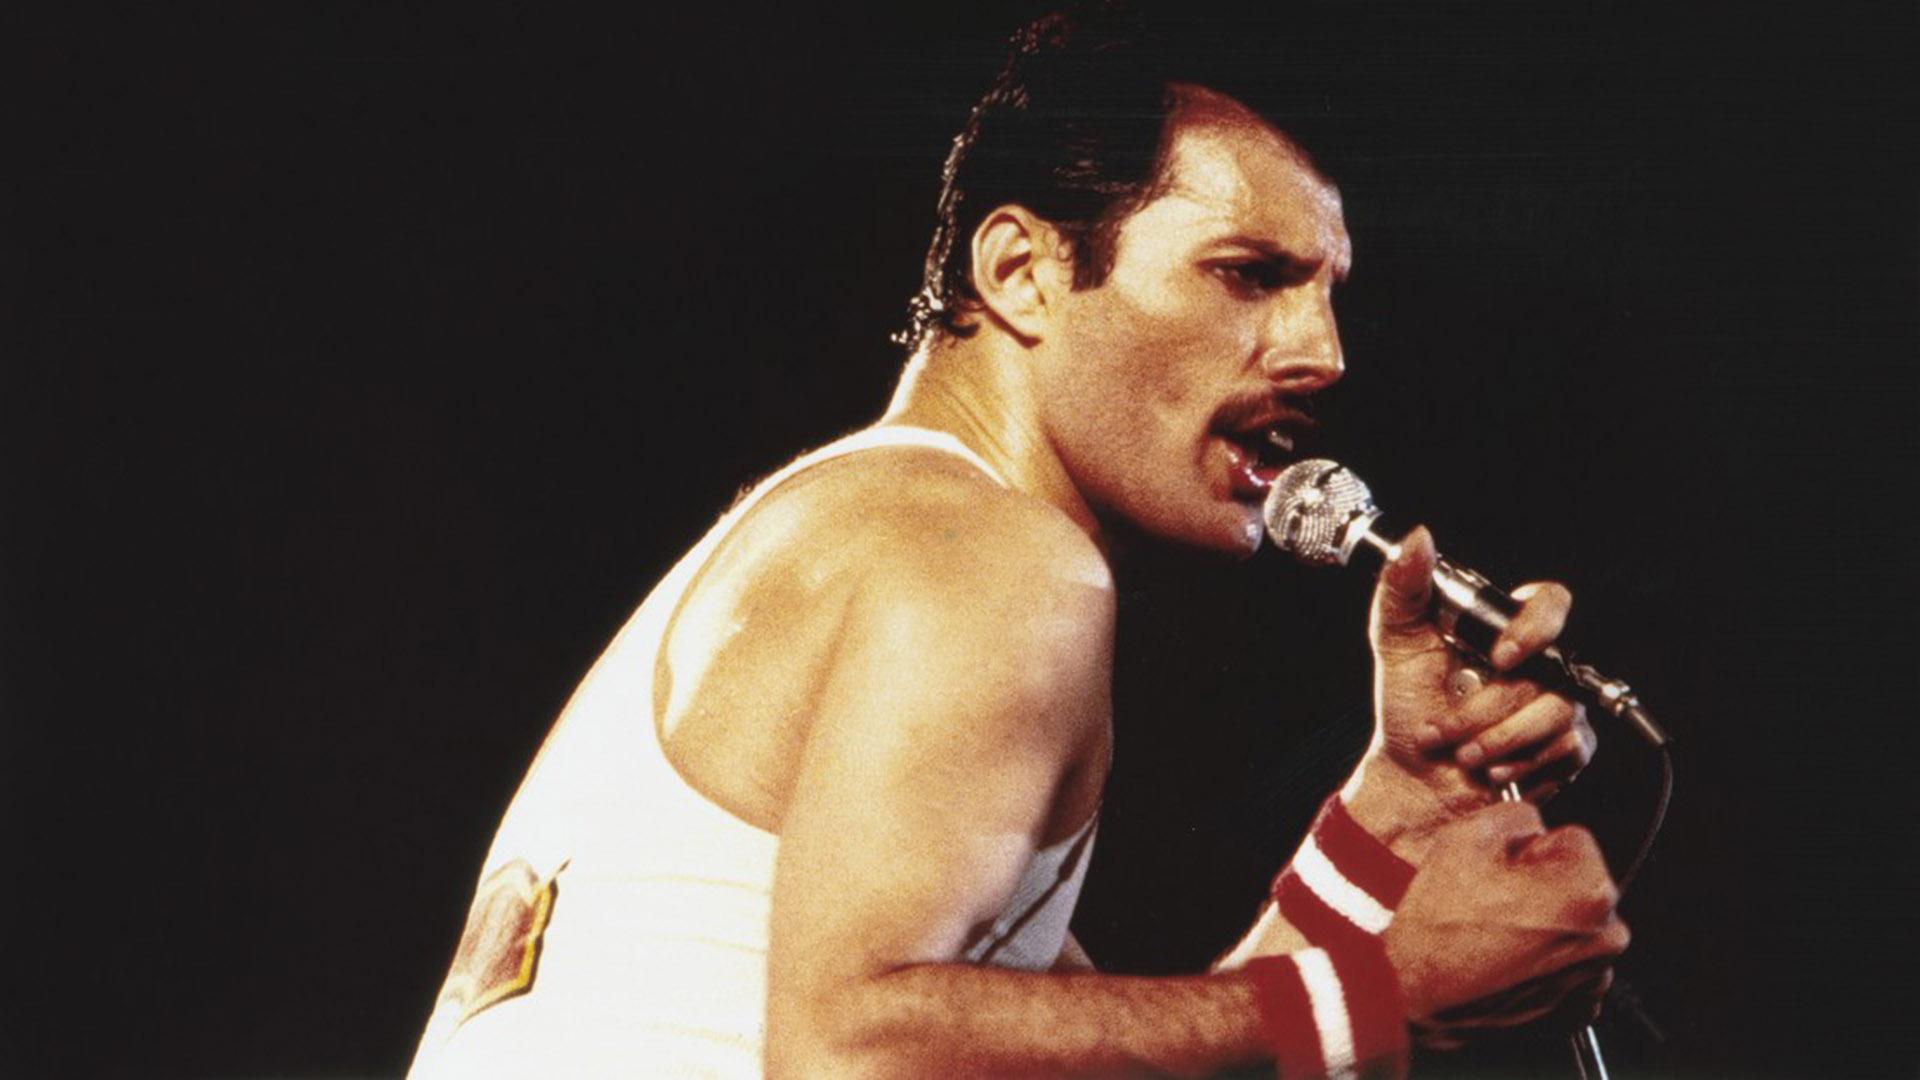 Freddie Mercury , líder de Queen, falleció en 1991. (GettyImages)